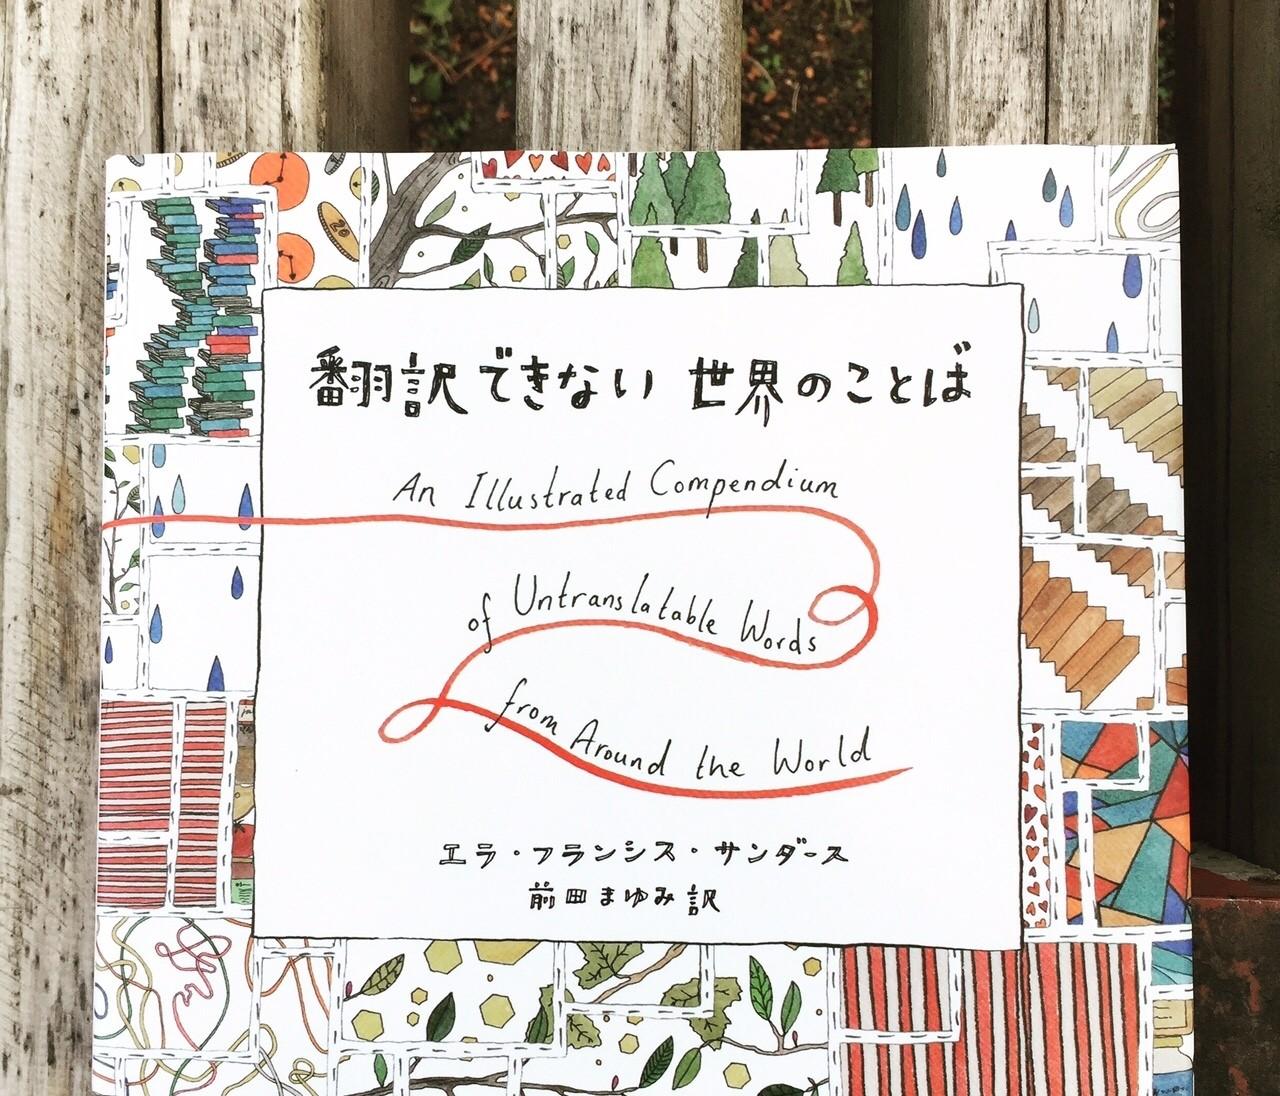 神楽坂の本屋「かもめブックス」で買った、話題の大人の絵本。